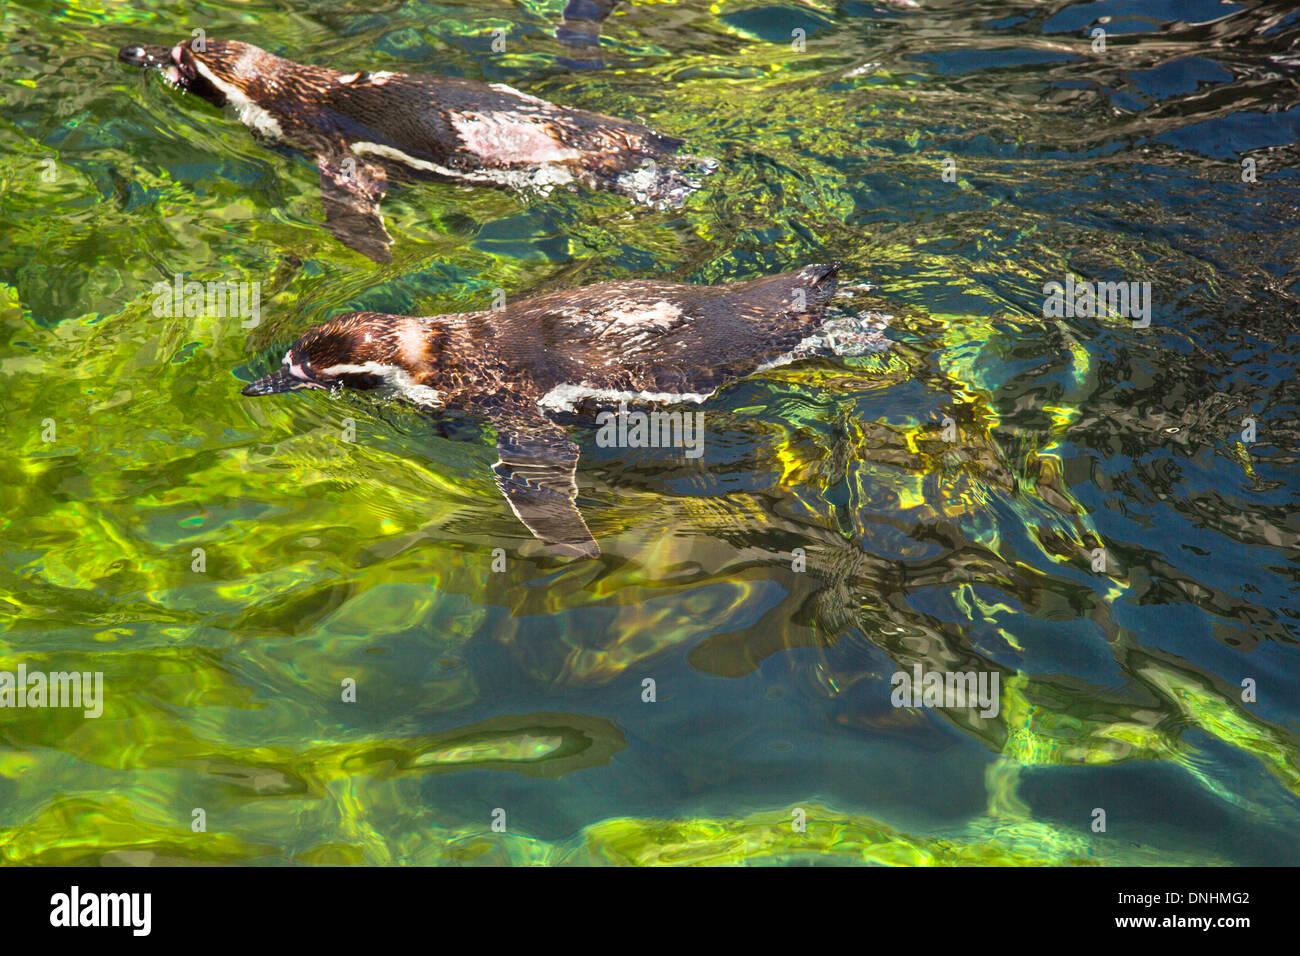 Angolo di alta vista dei pinguini Humboldt (Spheniscus Humboldt) nuotare in un laghetto, allo Zoo di Barcellona, Barcellona, in Catalogna, Spagna Foto Stock